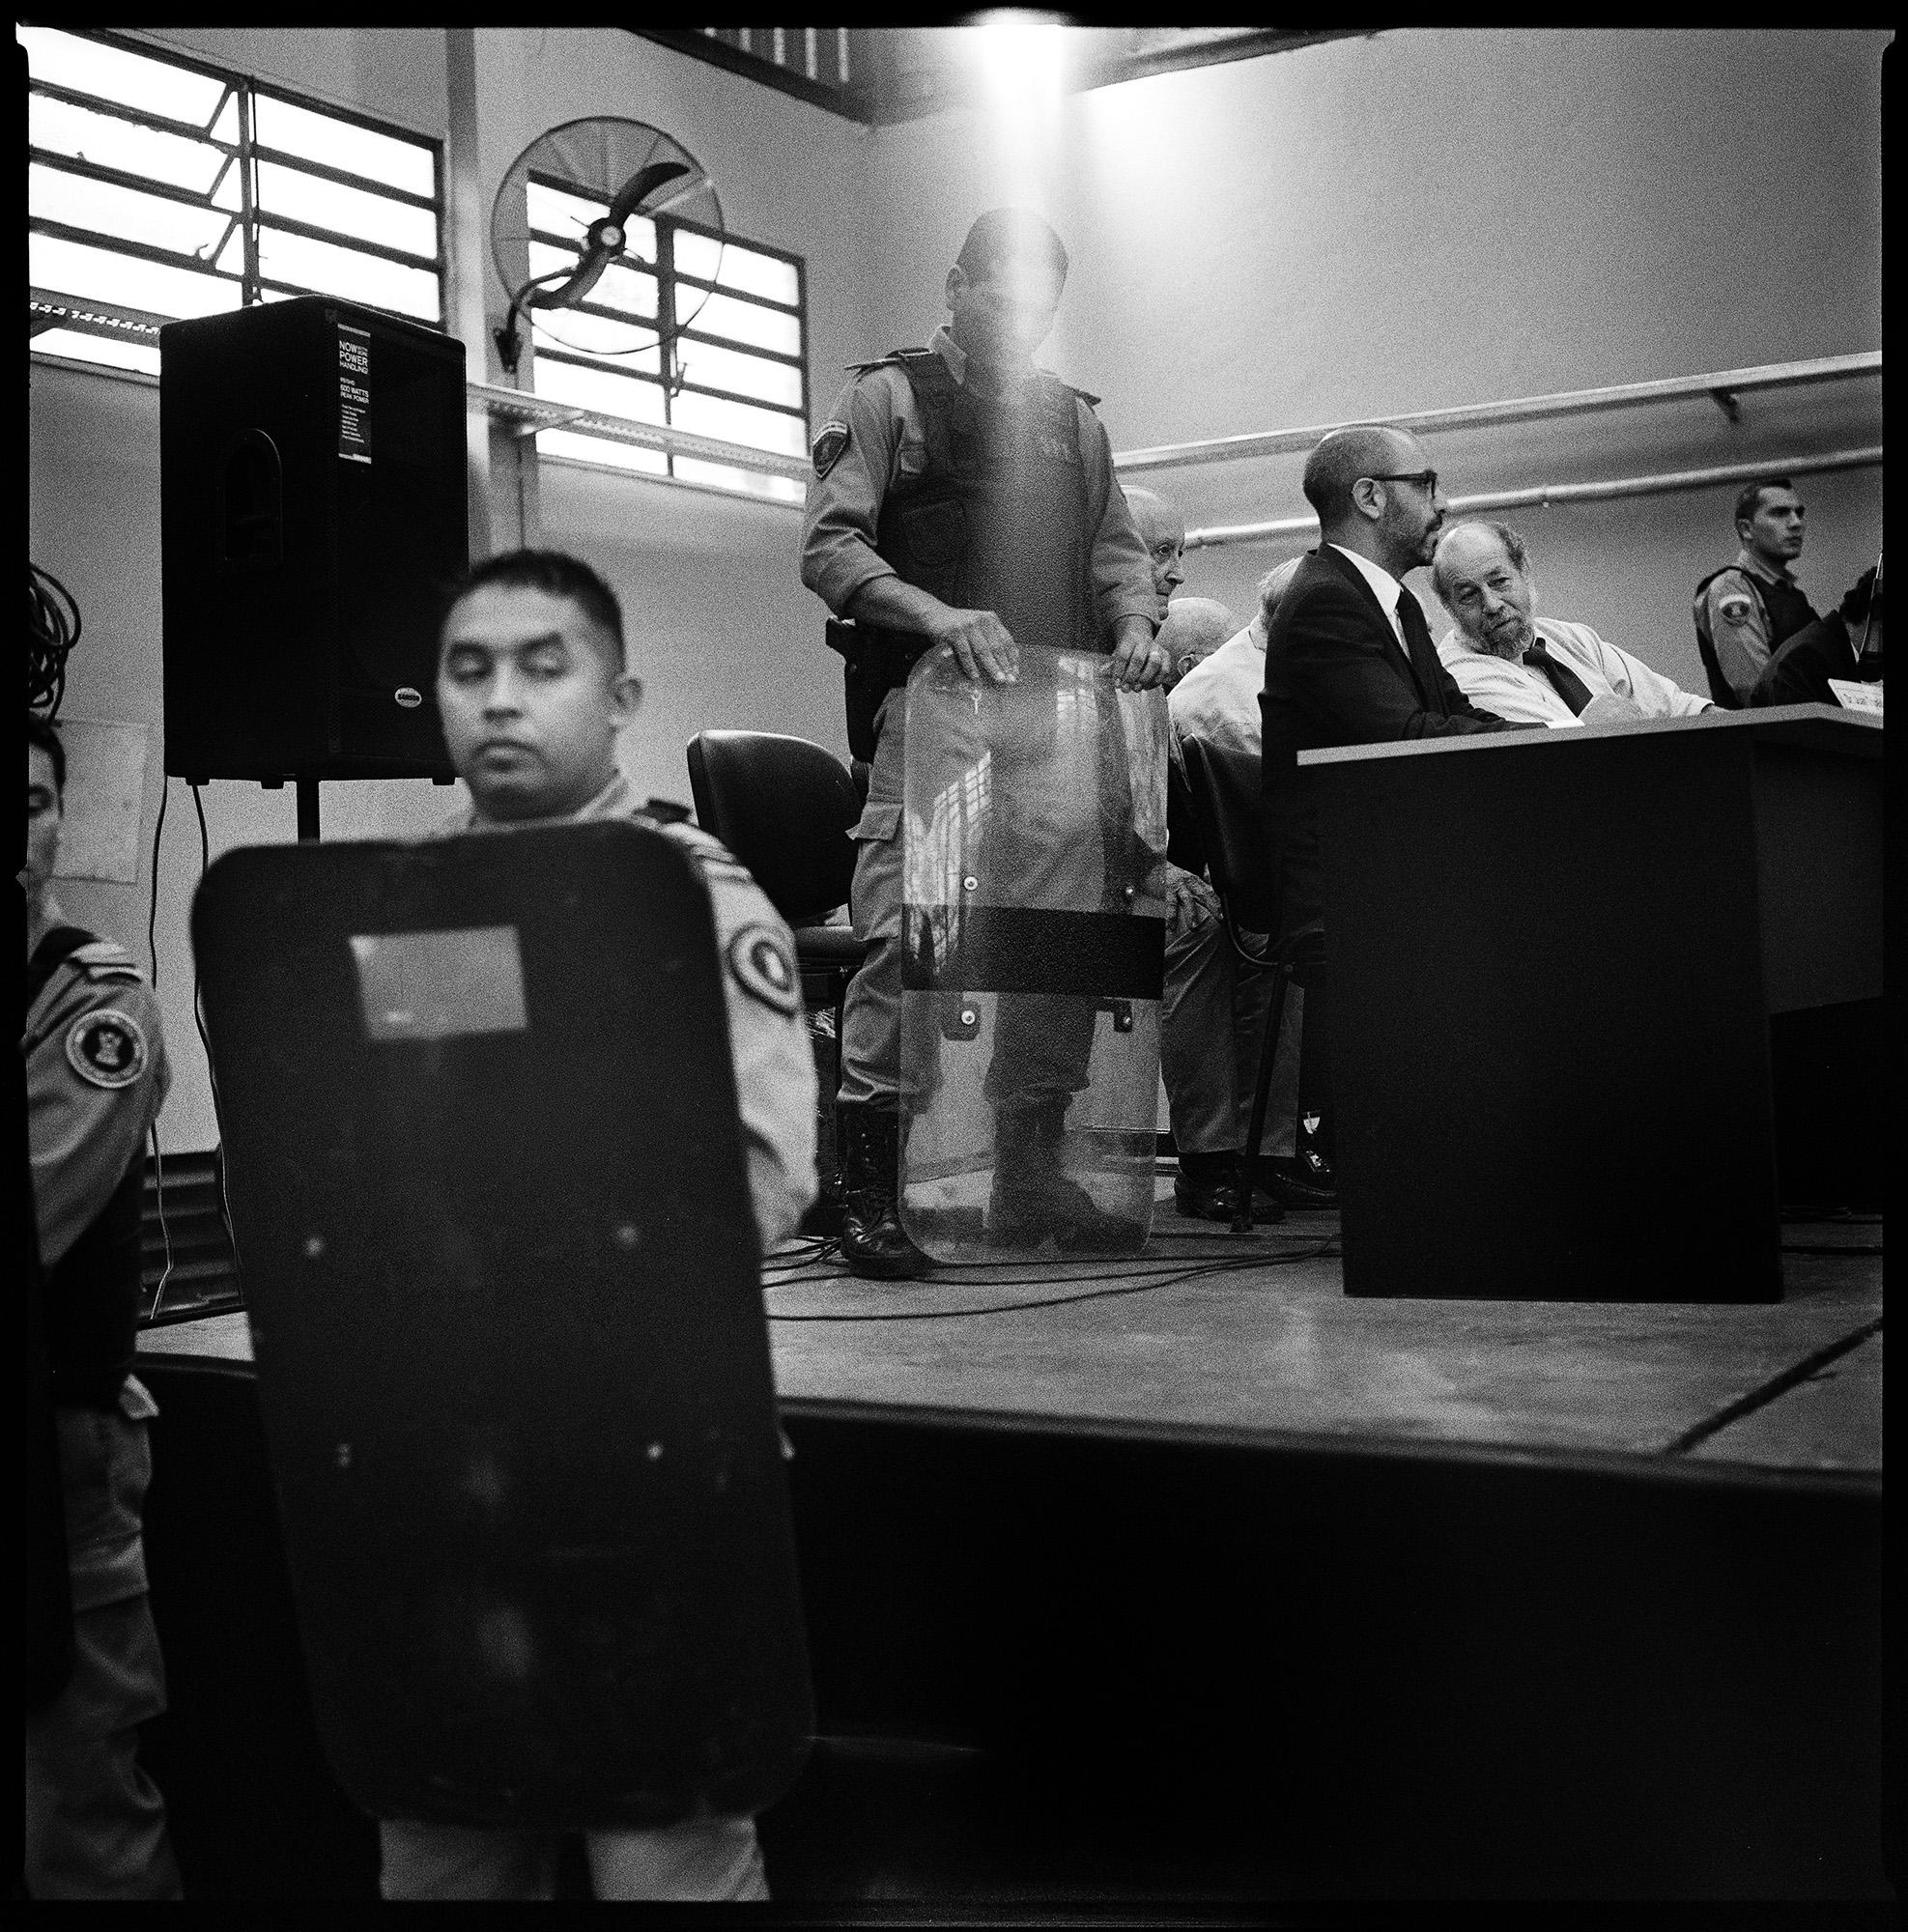 Fuertes medidas de seguridad tomadas durante el juicio en el que el ex presidente de facto Reynaldo Bignone fue sentenciado junto con otros miembros de las Fuerzas Armadas a 25 años de prisión por crímenes de lesa humanidad.  Fotografía tomada en abril de 2010.